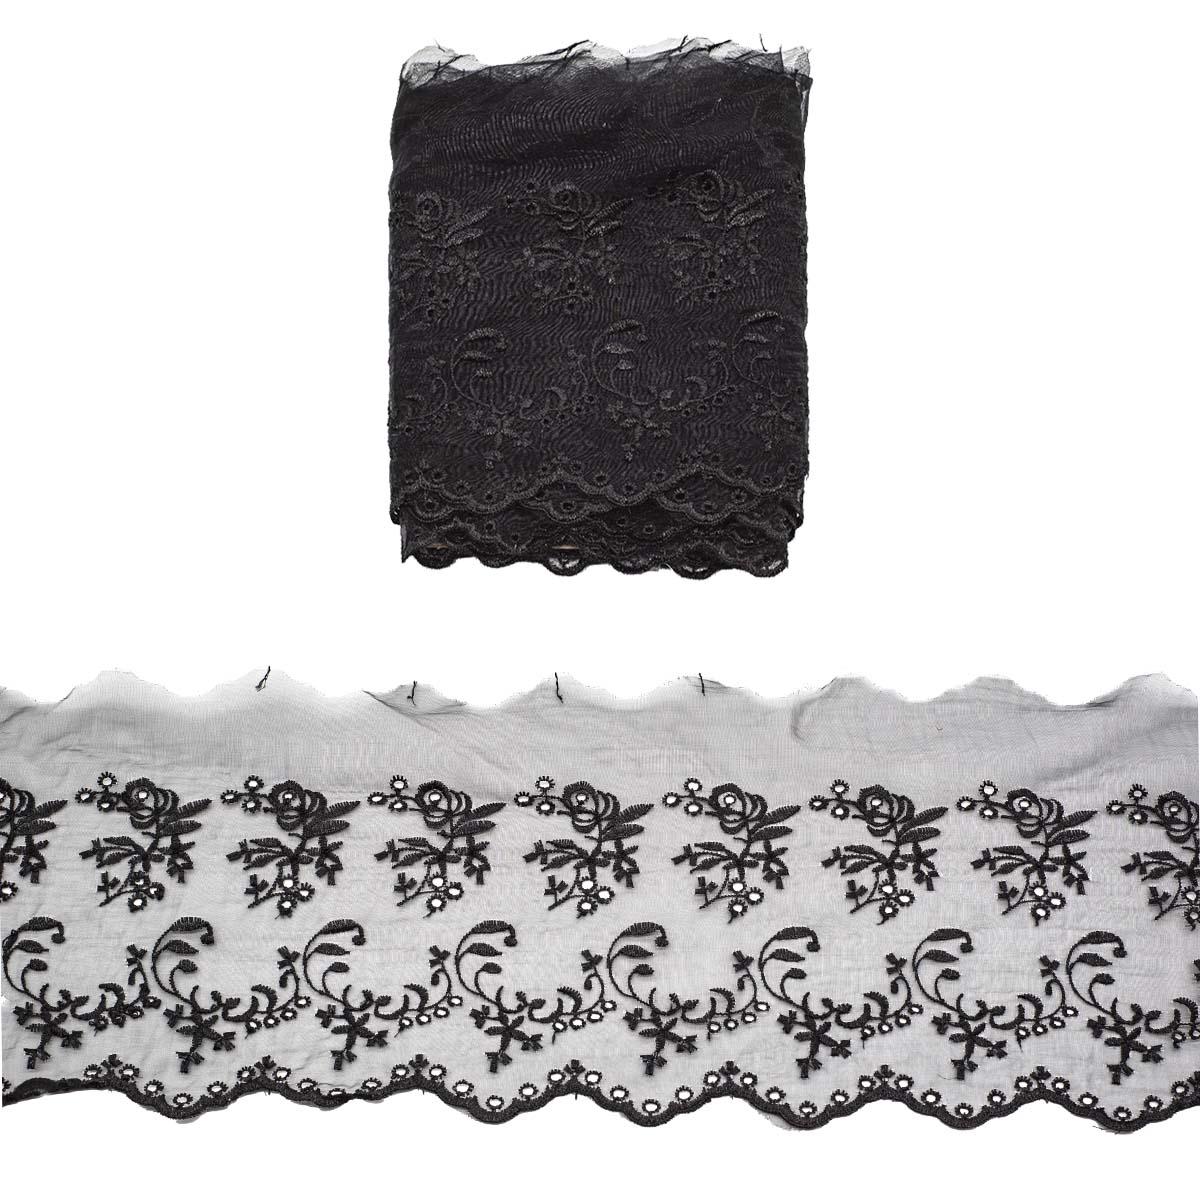 Кружево капрон 16,7см*3,4 м (+/- 4 см) 0574-6002, черный